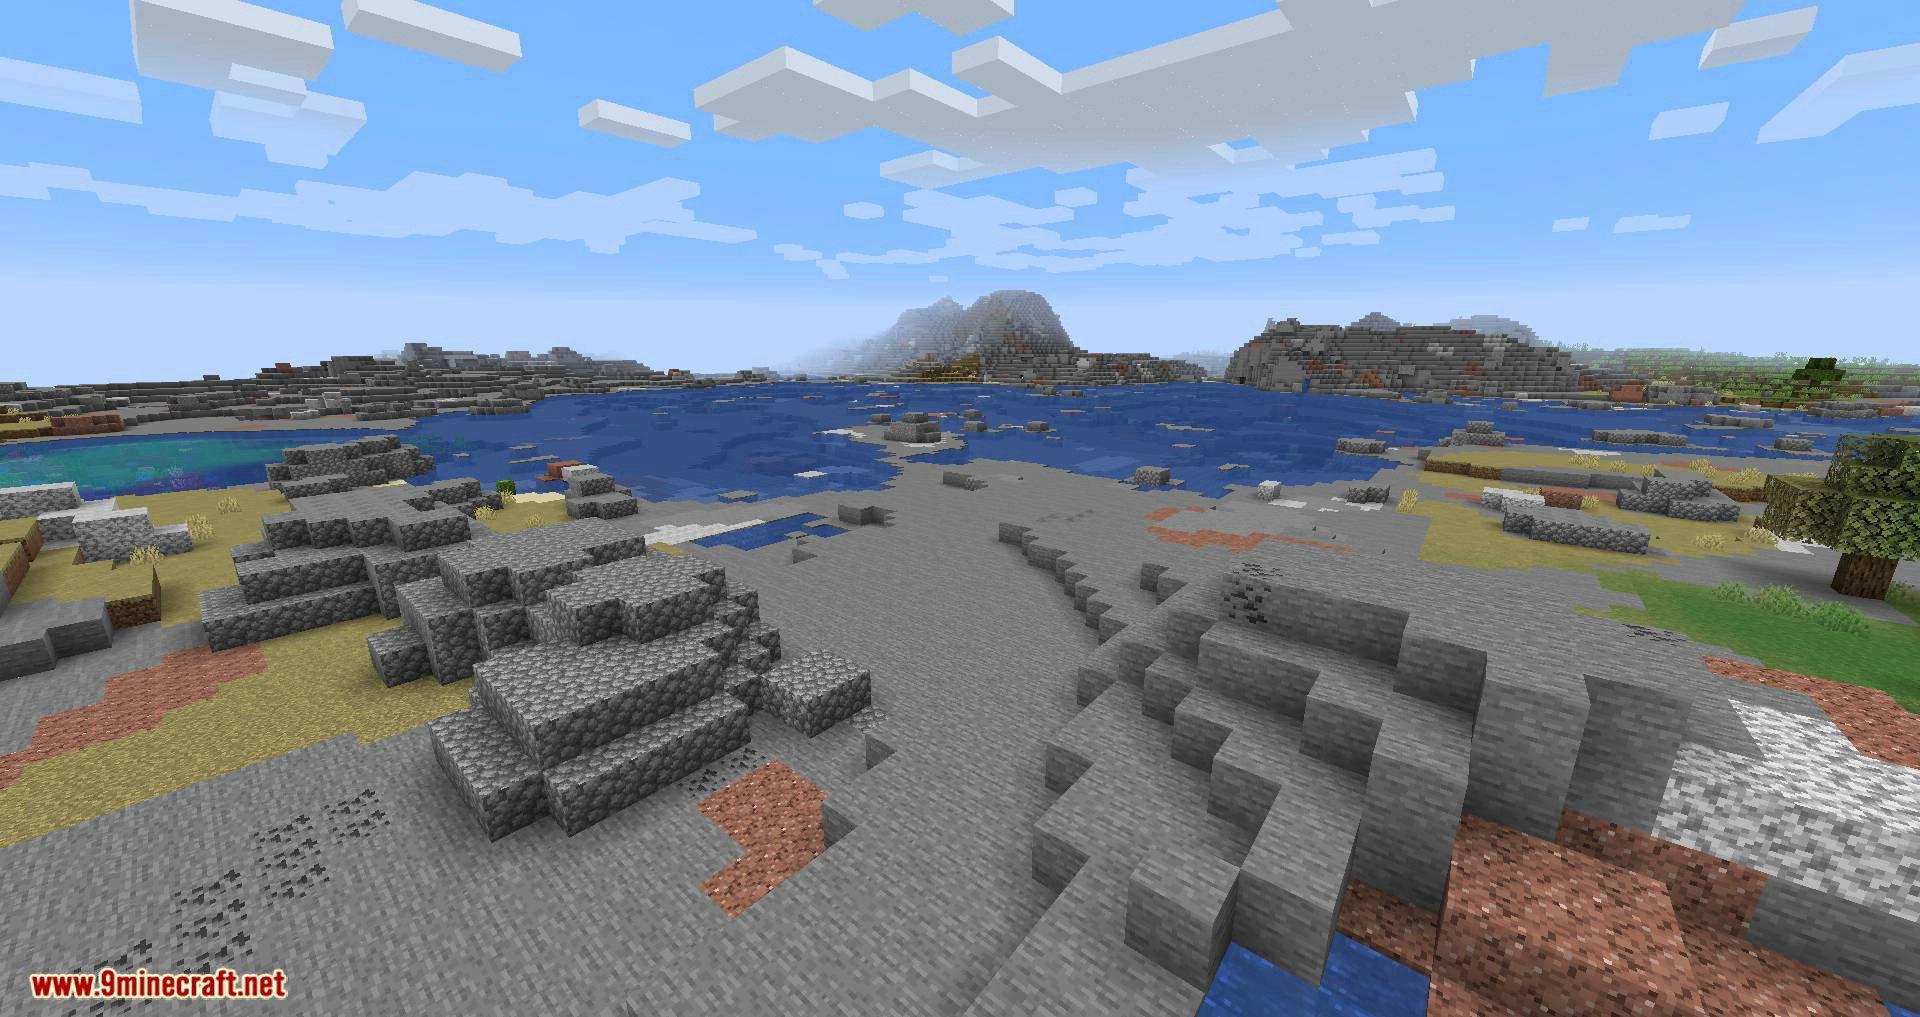 Voyage mod for minecraft 10